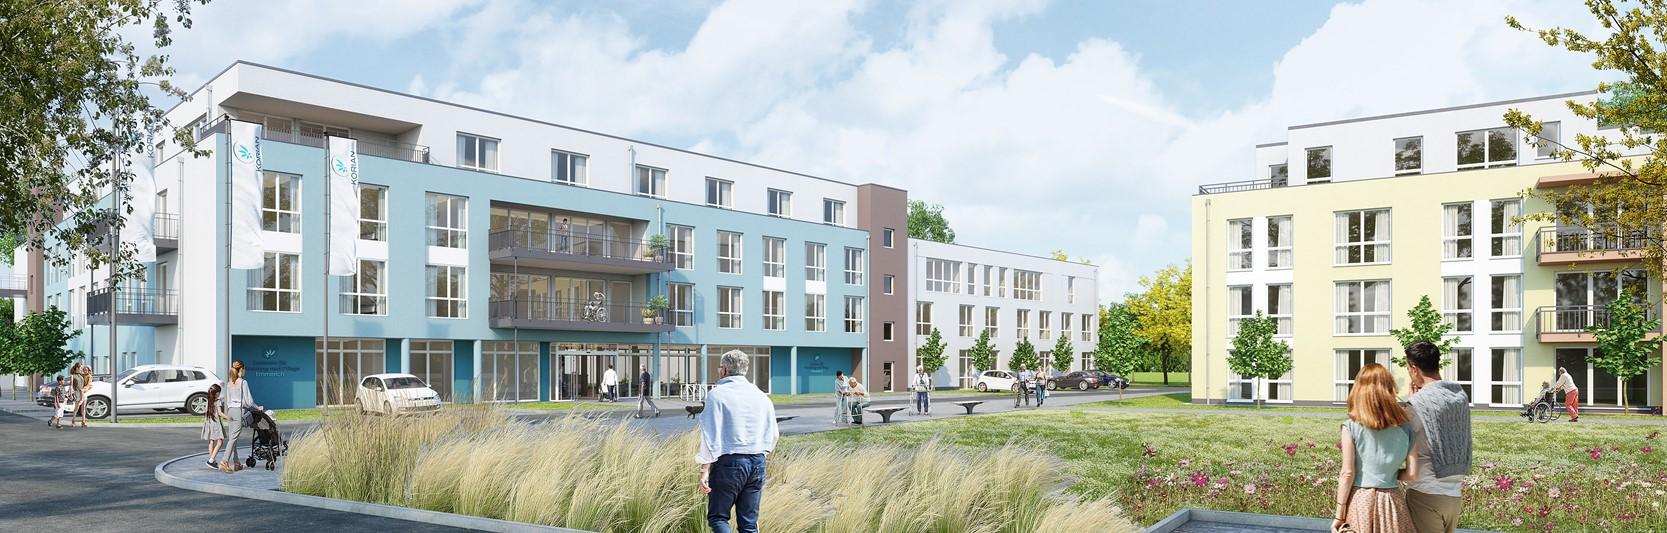 Zentrum für Betreuung und Pflege Emmerich am Rhein öffnet seine Pforten